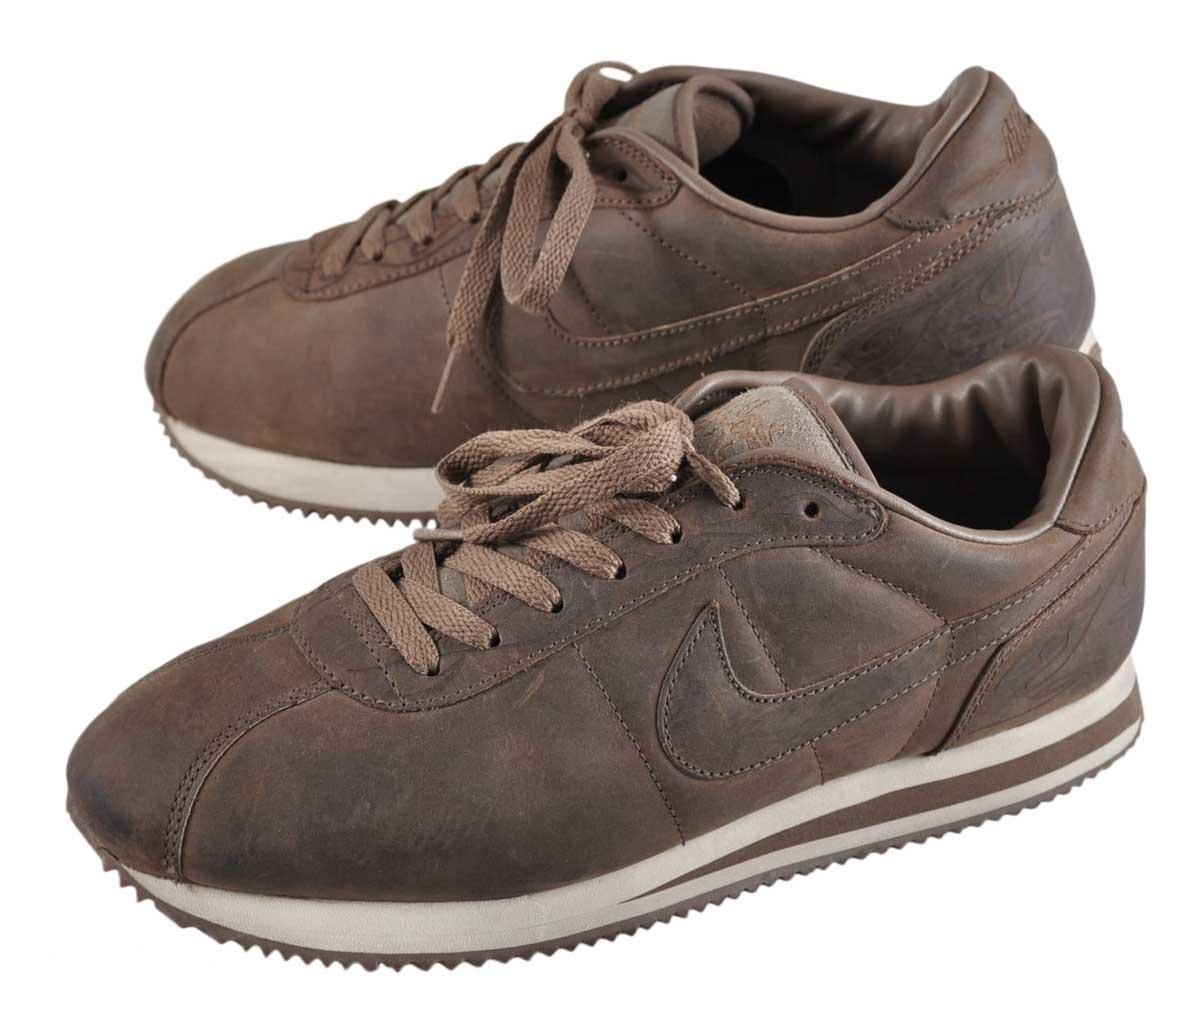 Nike Cortez Nubuck